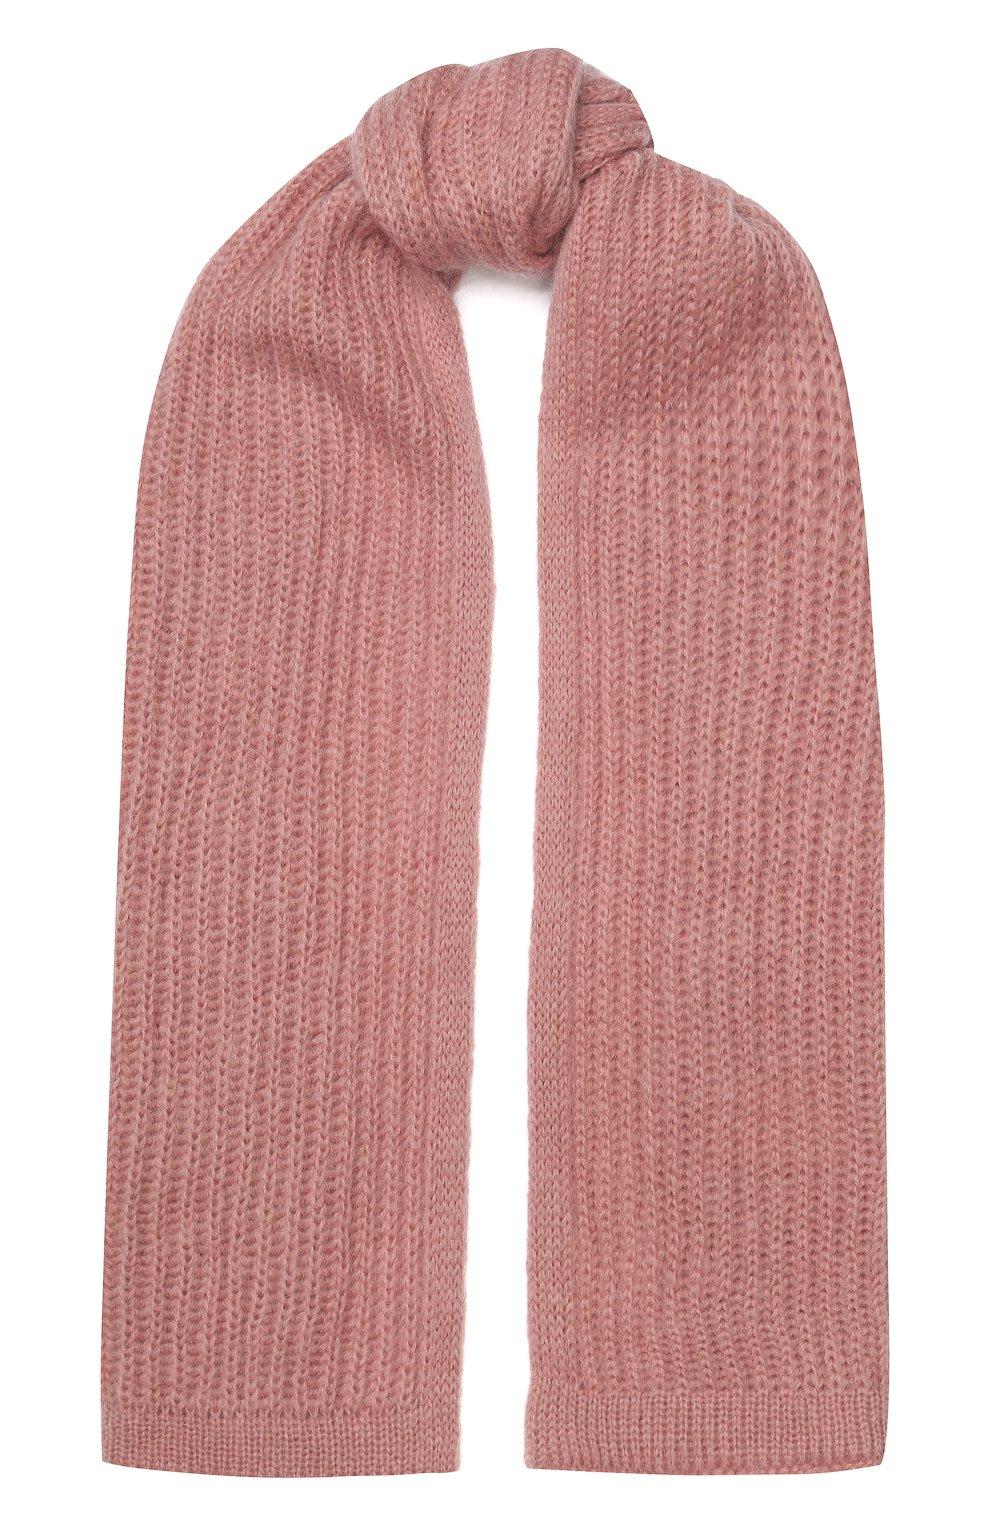 Женский шерстяной шарф TAK.ORI розового цвета, арт. AC105MW018PF17 | Фото 1 (Материал: Текстиль, Шерсть, Синтетический материал; Статус проверки: Проверена категория)